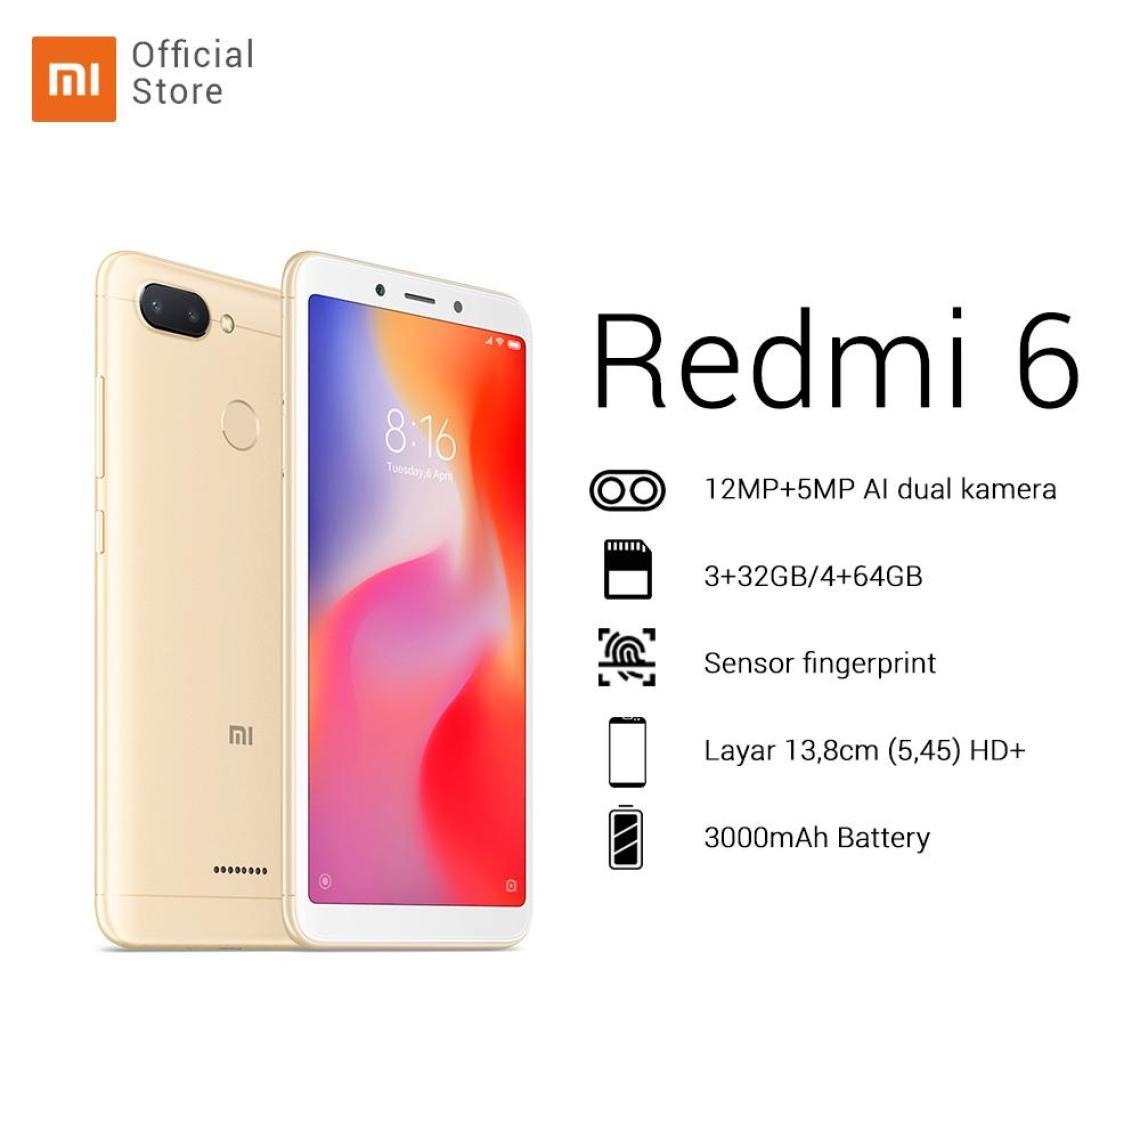 """Hasil gambar untuk Redmi 6 3/32GB + dual camera 12MP + 5MP HD 5,45"""" AI face unlock 12nm Octa-core processor baru 2+ 1 slot Battery 3000mAh"""